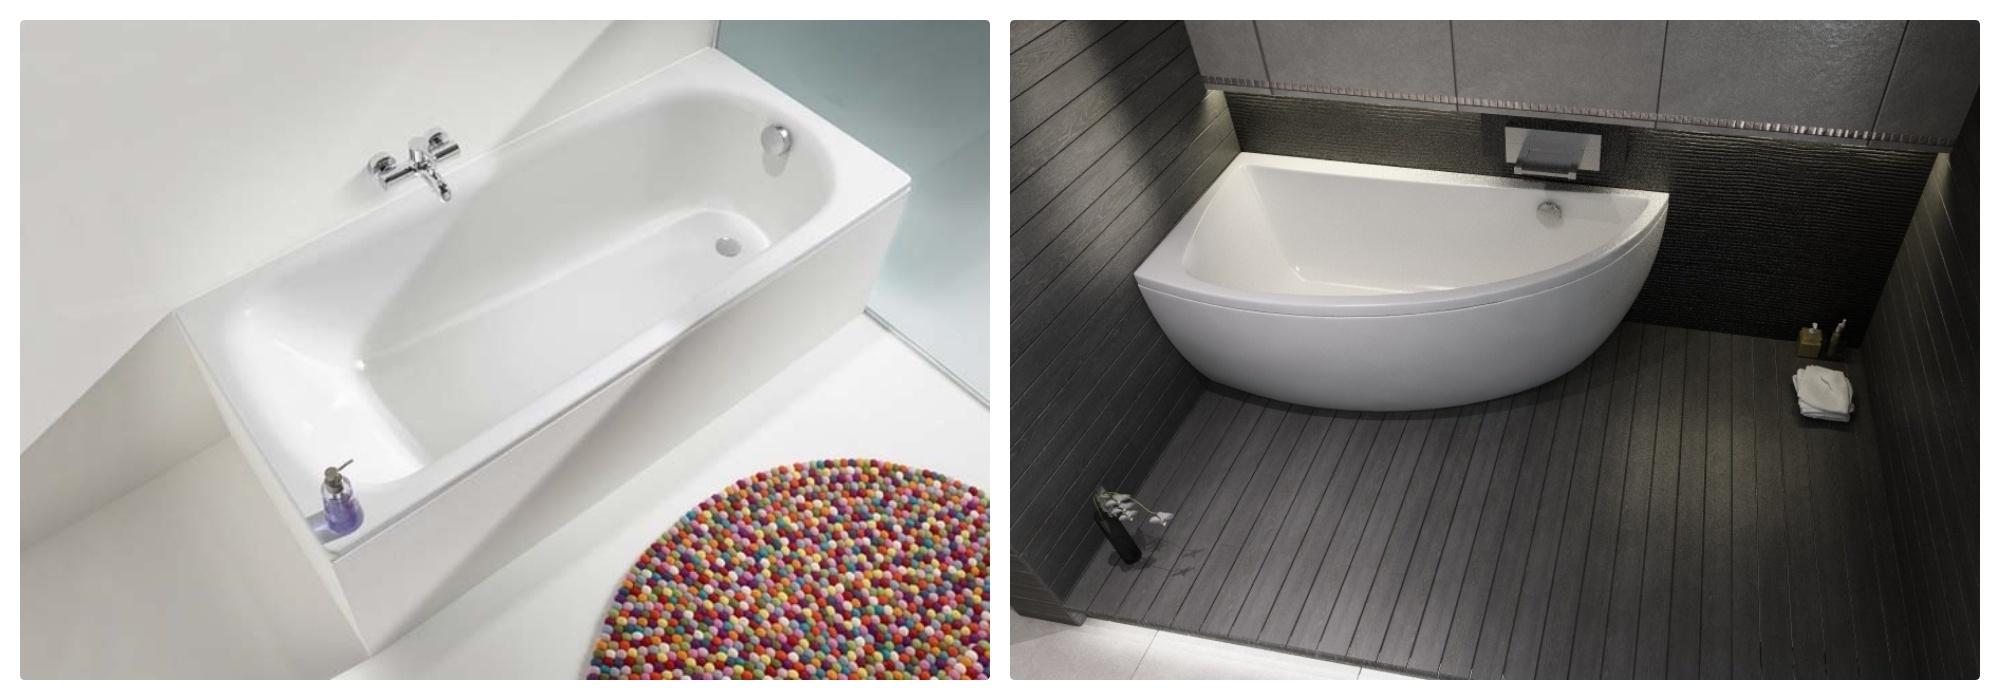 Главный предмет в ванной комнате - ванная!